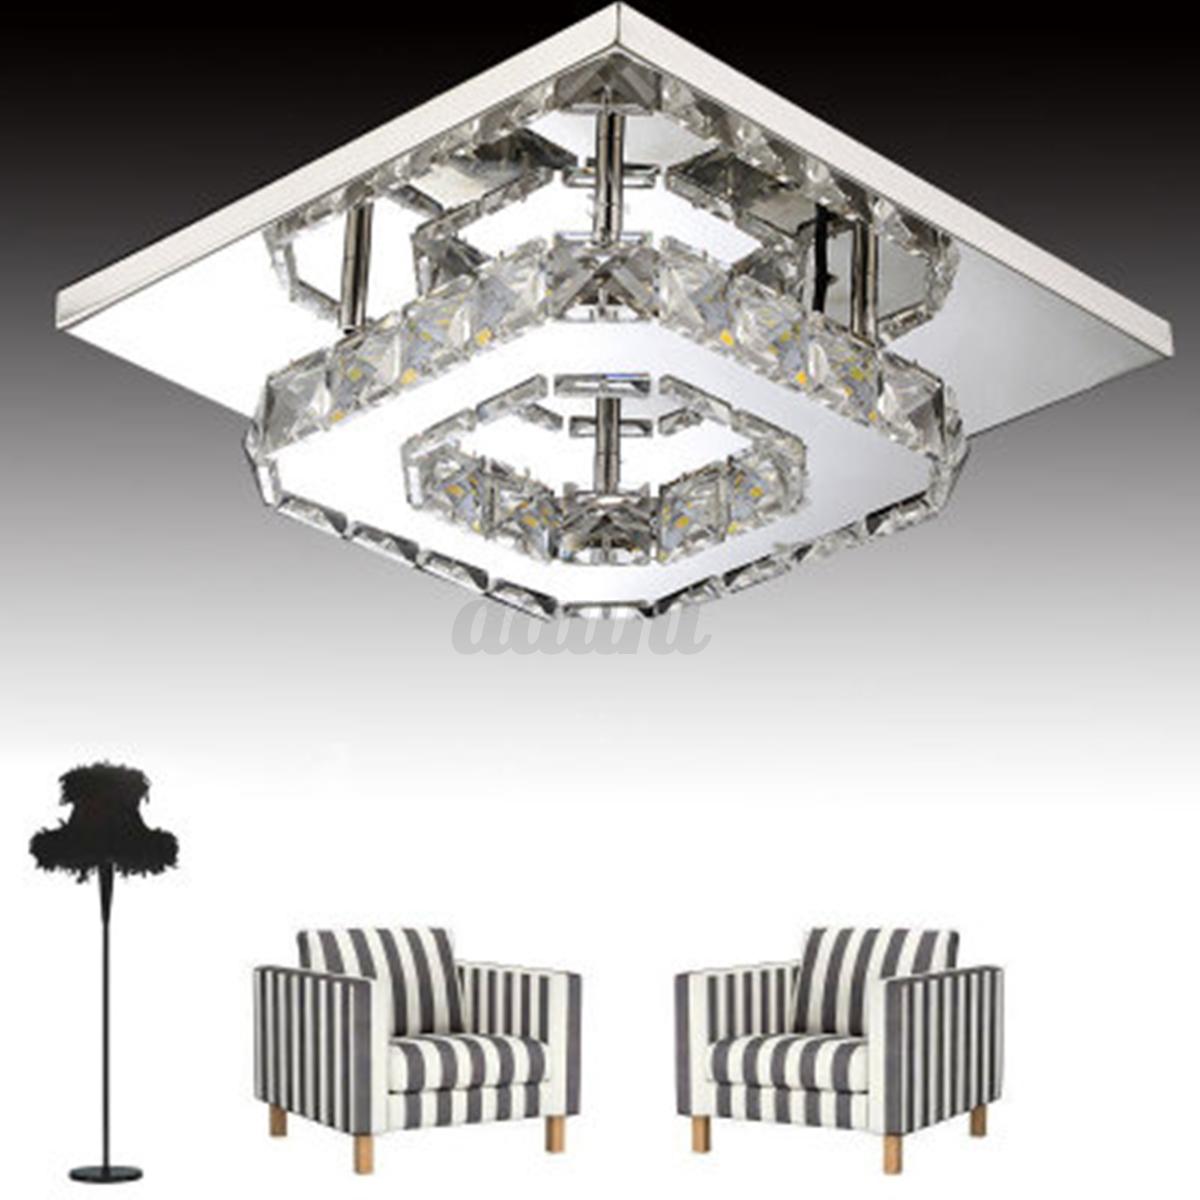 modern crystal pendant light ceiling lamp chandelier living dining room lighting ebay. Black Bedroom Furniture Sets. Home Design Ideas